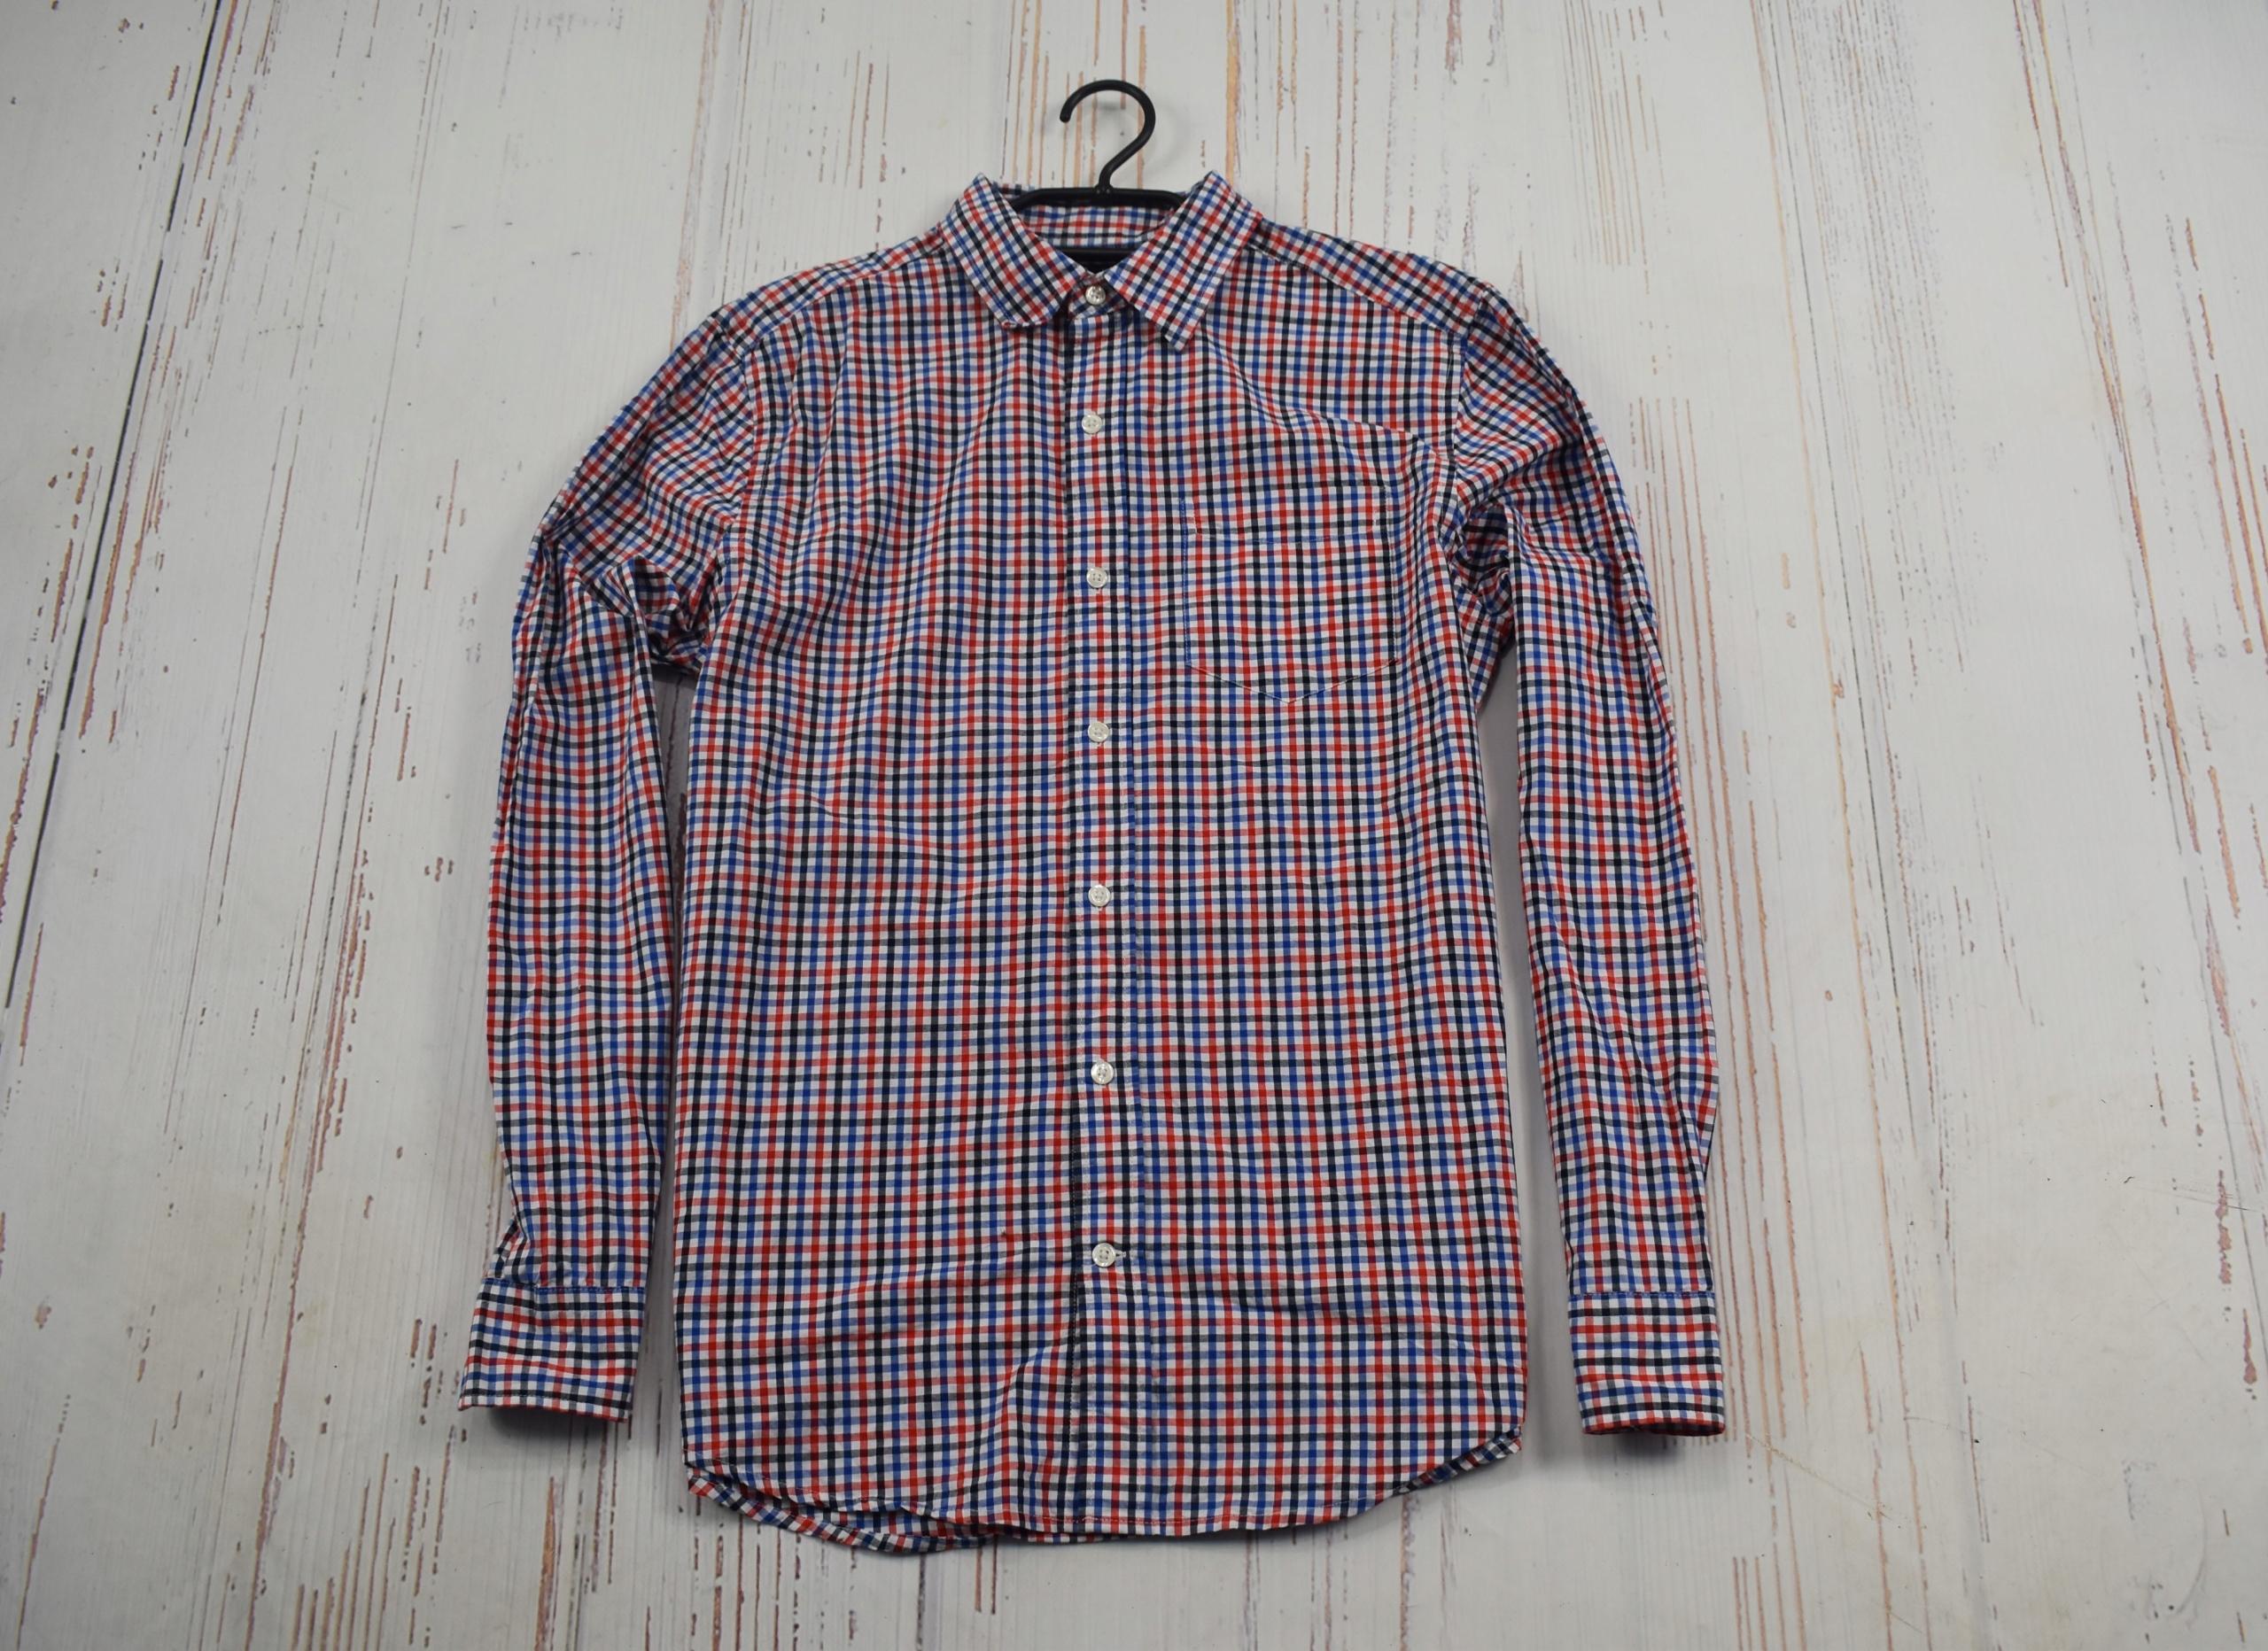 GAP koszula kratka Super Stan Classic Fit M